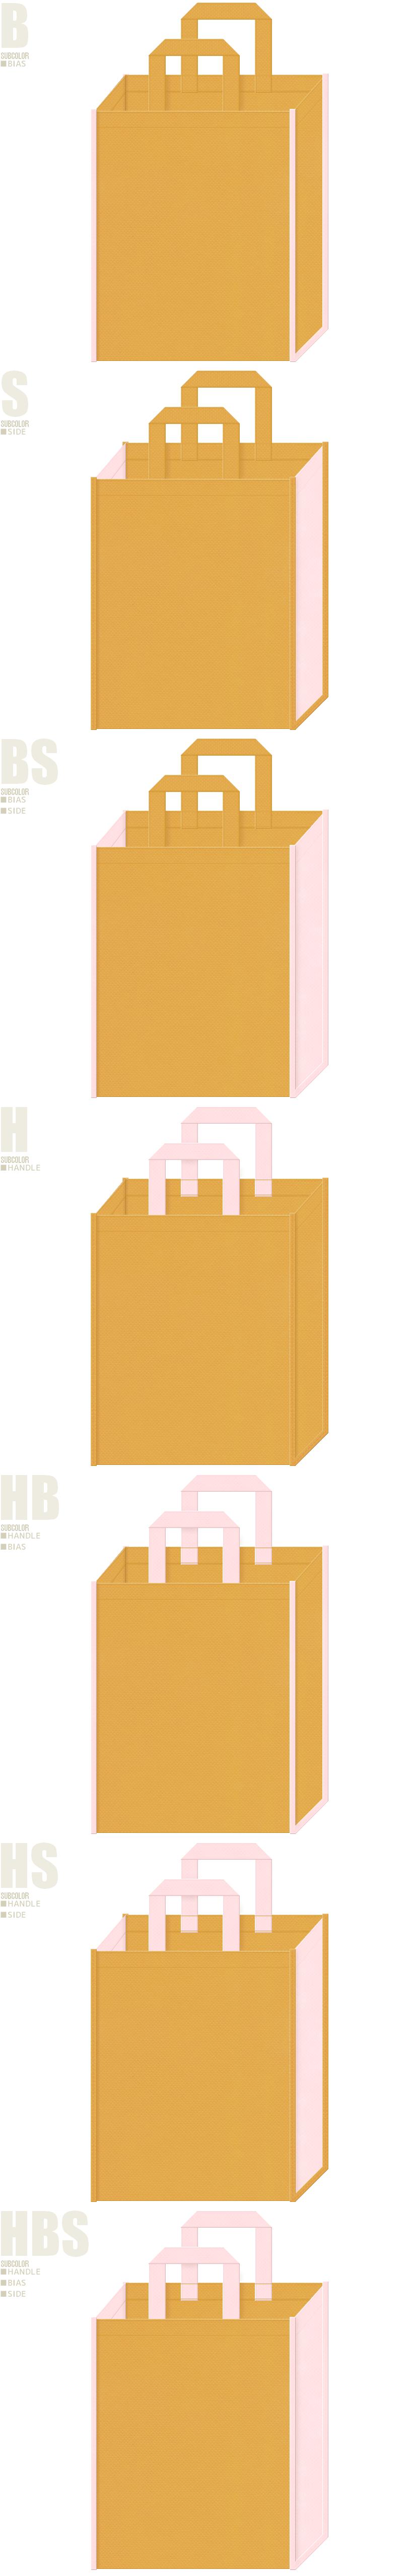 黄土色と桜色、7パターンの不織布トートバッグ配色デザイン例。girlyな不織布バッグにお奨めです。